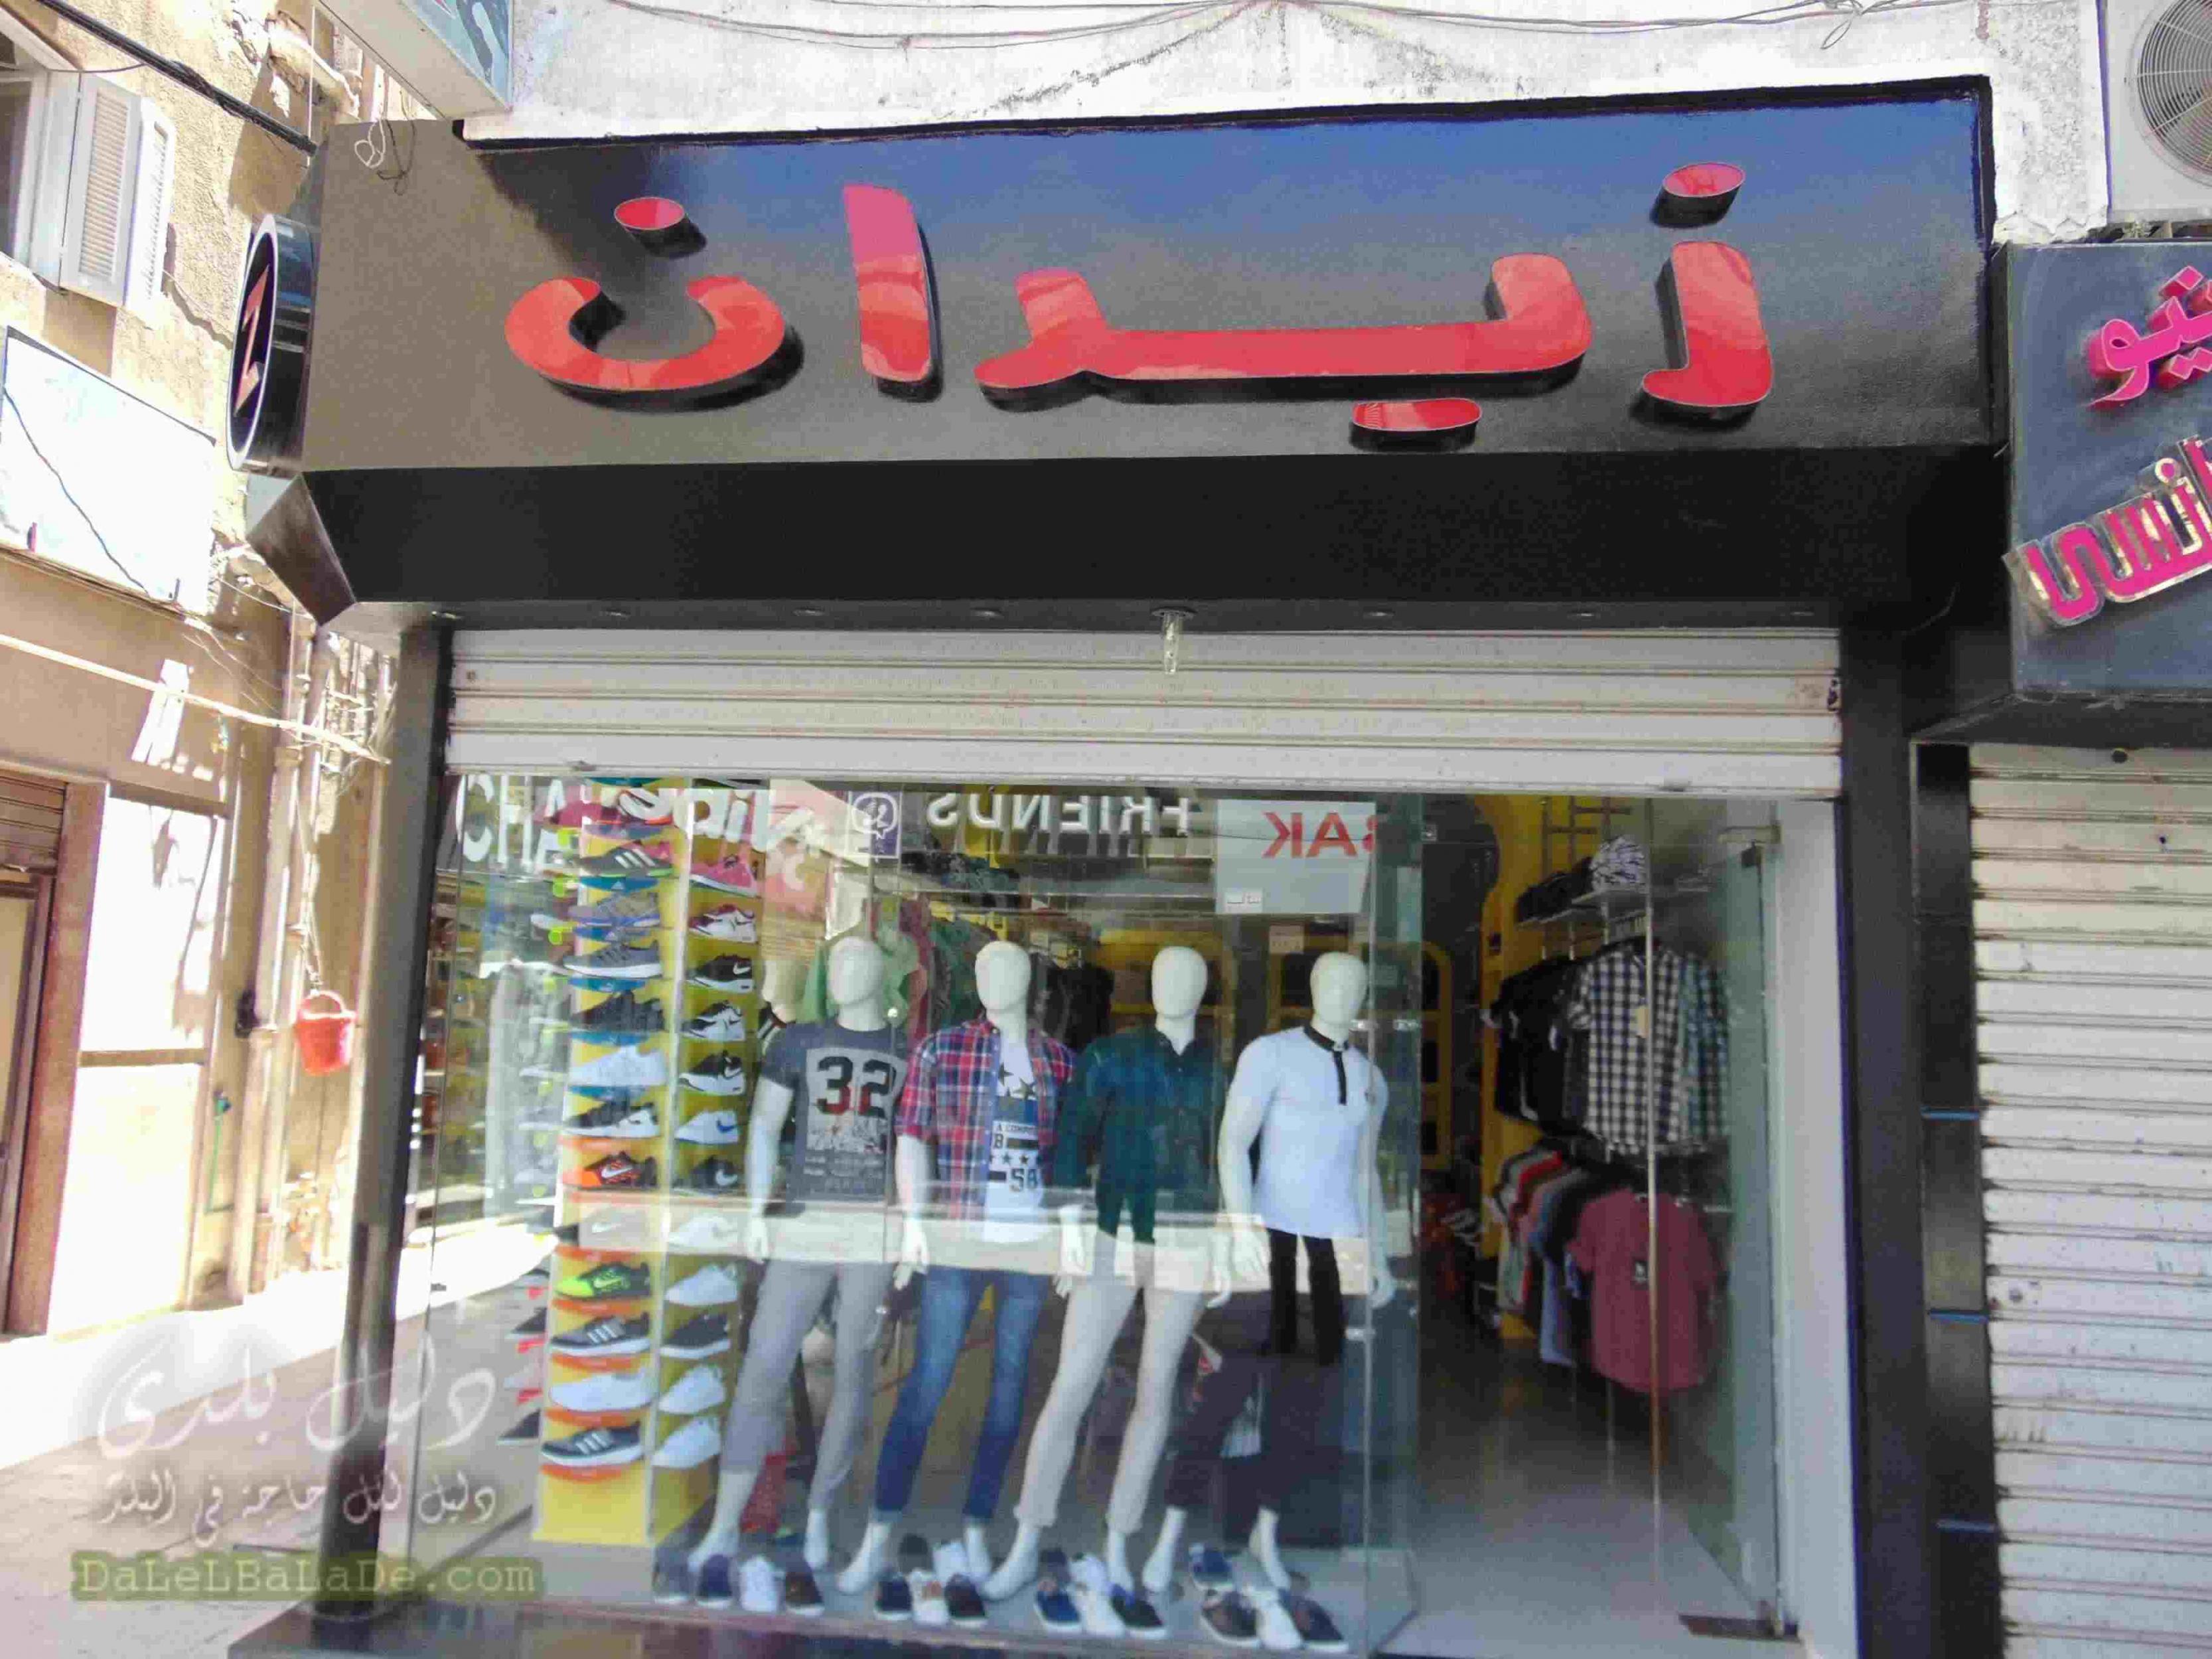 بالصور محلات ملابس , اجدد اماكن لبيع الملابس 3274